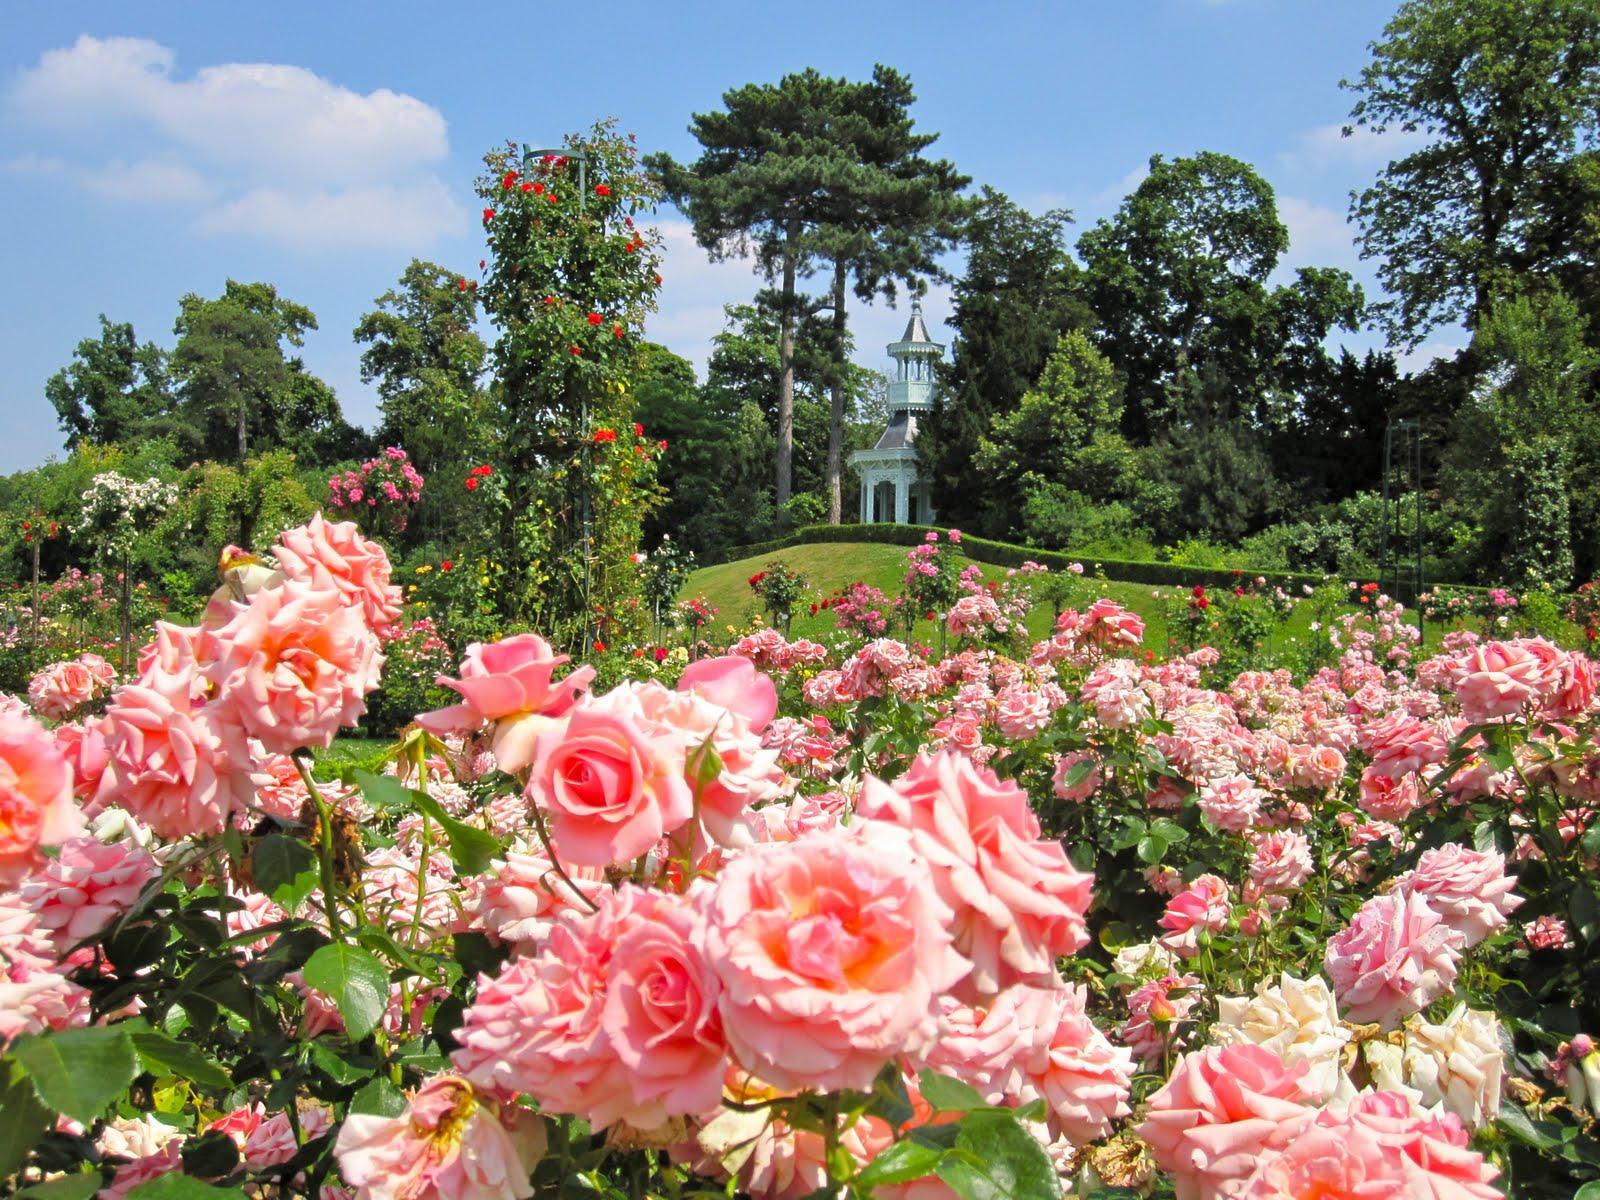 La vie en roses parc de bagatelle 8 9 juin infos 75 for Parterre de roses photos